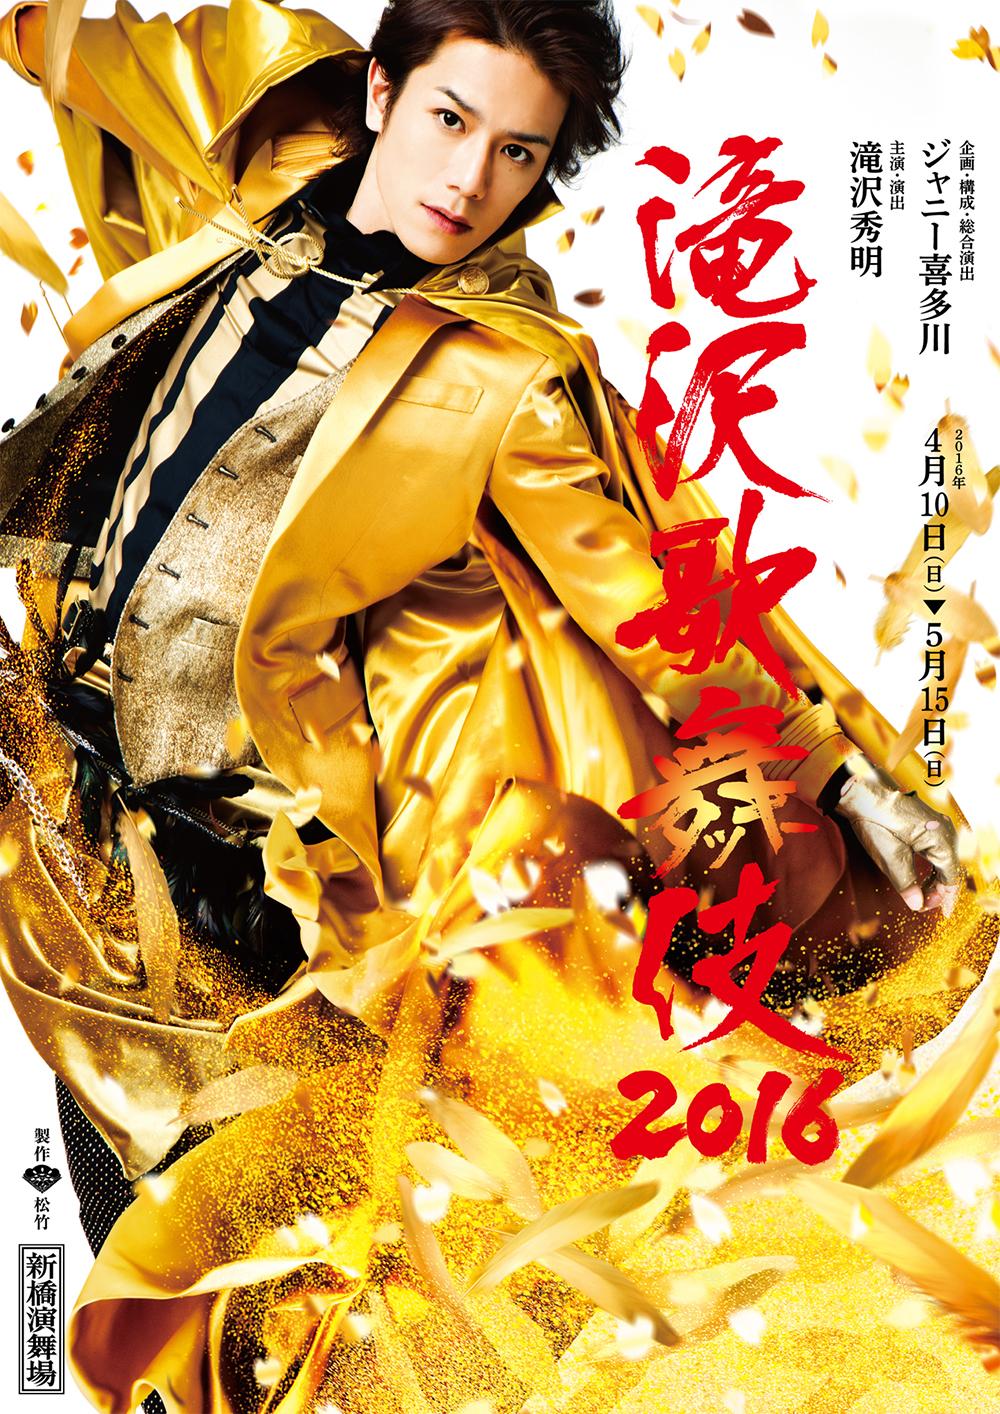 滝沢歌舞伎でV6三宅健が骨折→タッキー『健君の背中を見ながら俺が守り抜きます』の言葉にファン涙!